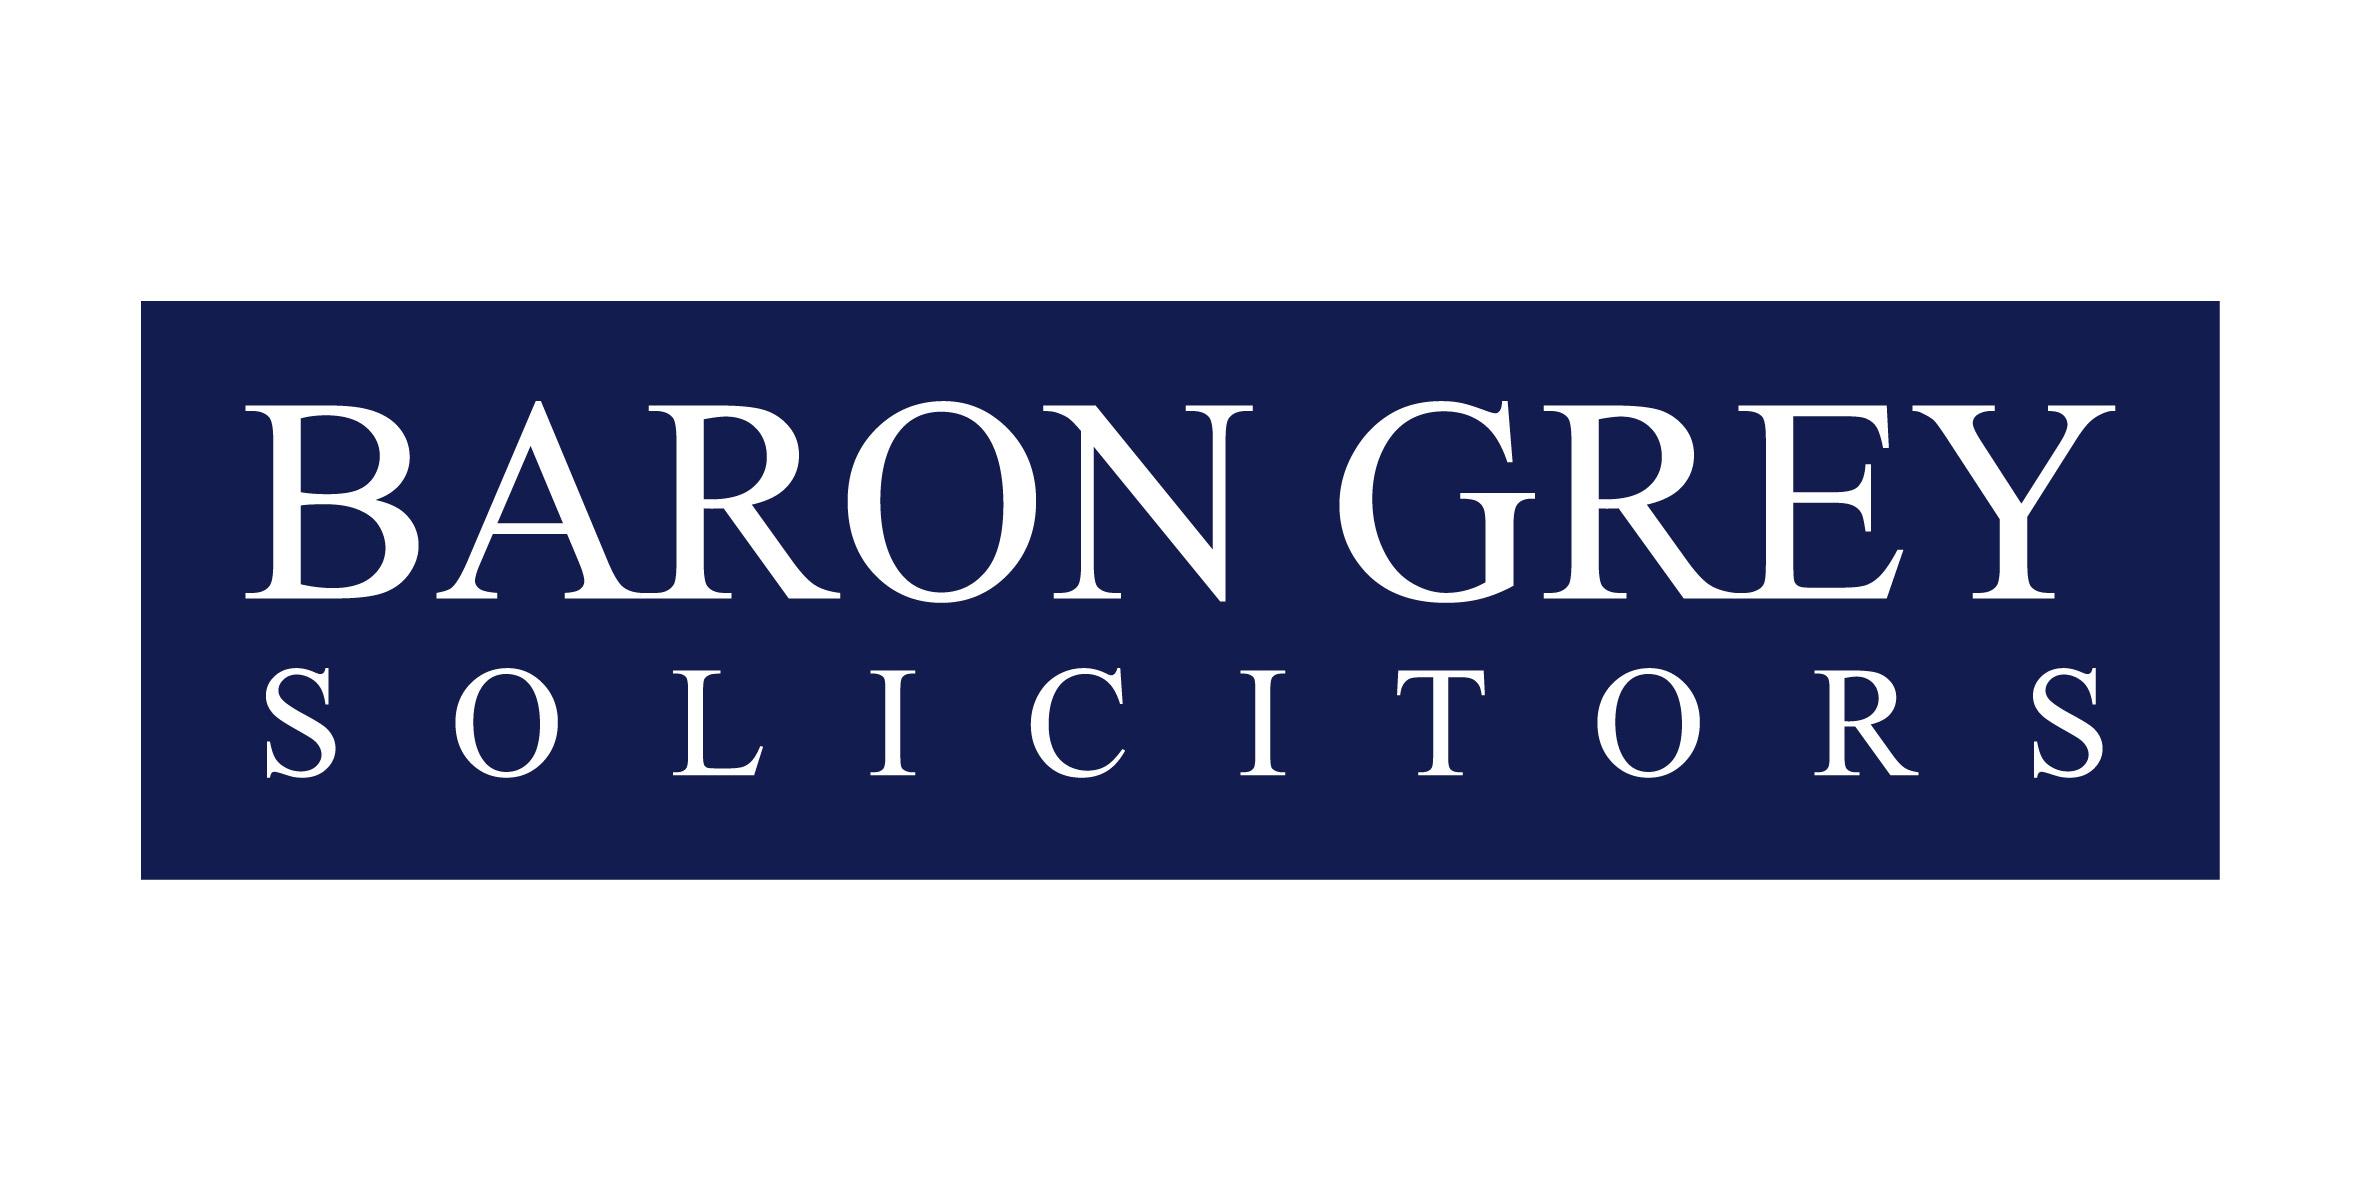 Baron Grey Solicitors